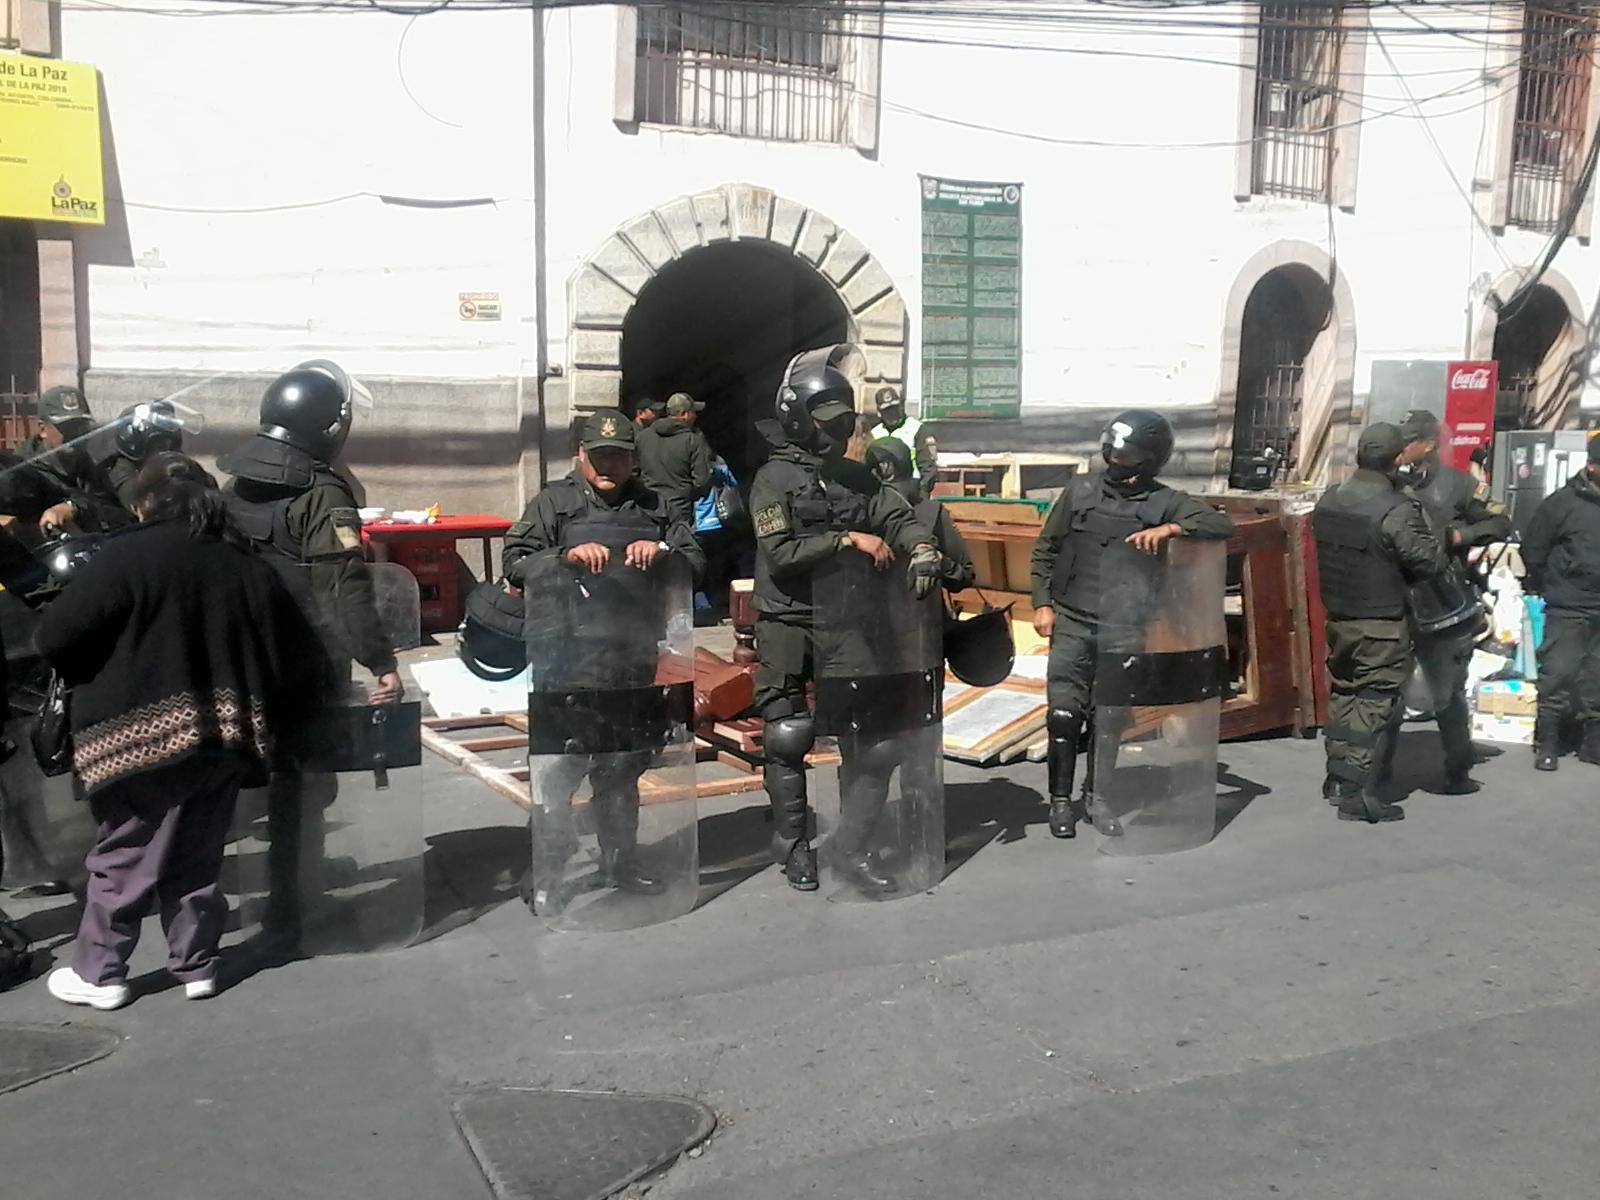 Una de las recientes requisas a San Pedro, que decomisó negocios enteros dentro del panóptico / VISOR BOLIVIA